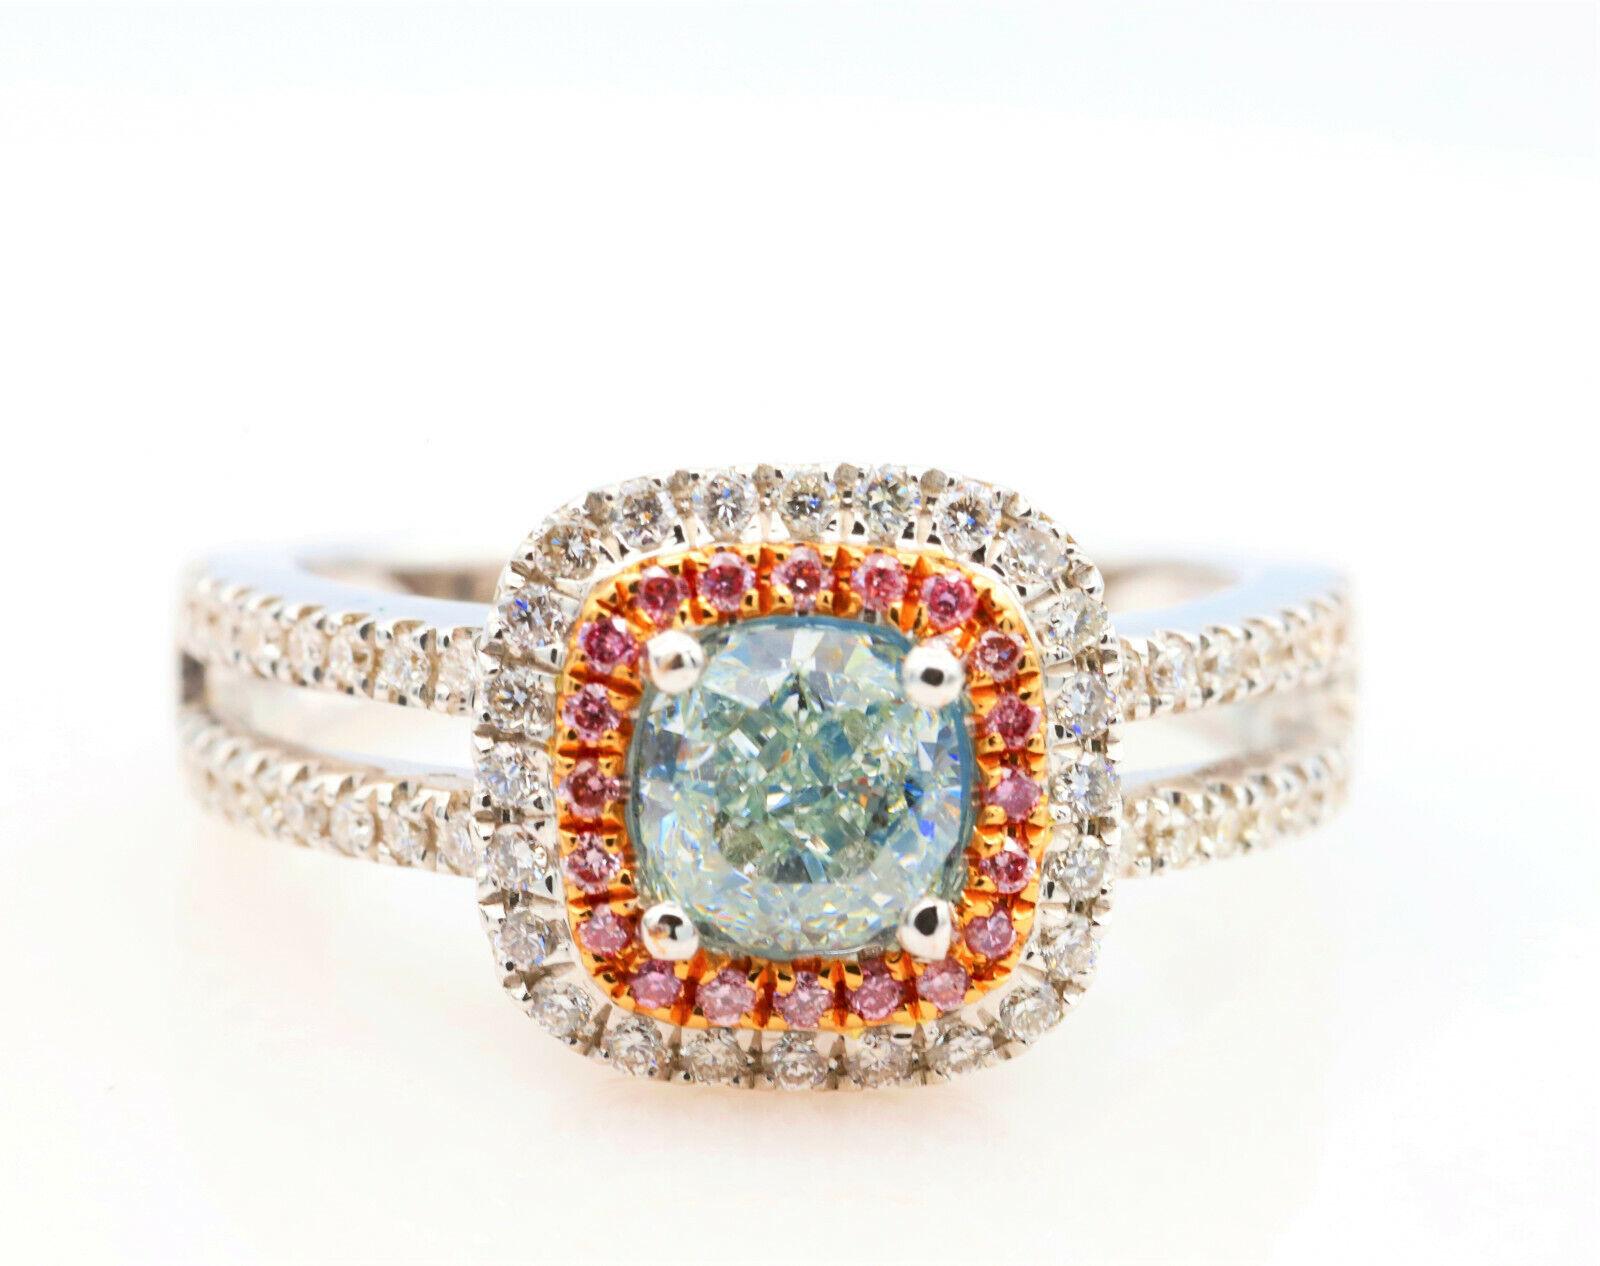 1.50ct Natural Fancy Light Green Argyle ntense Pink Diamonds Engagement Ring GIA